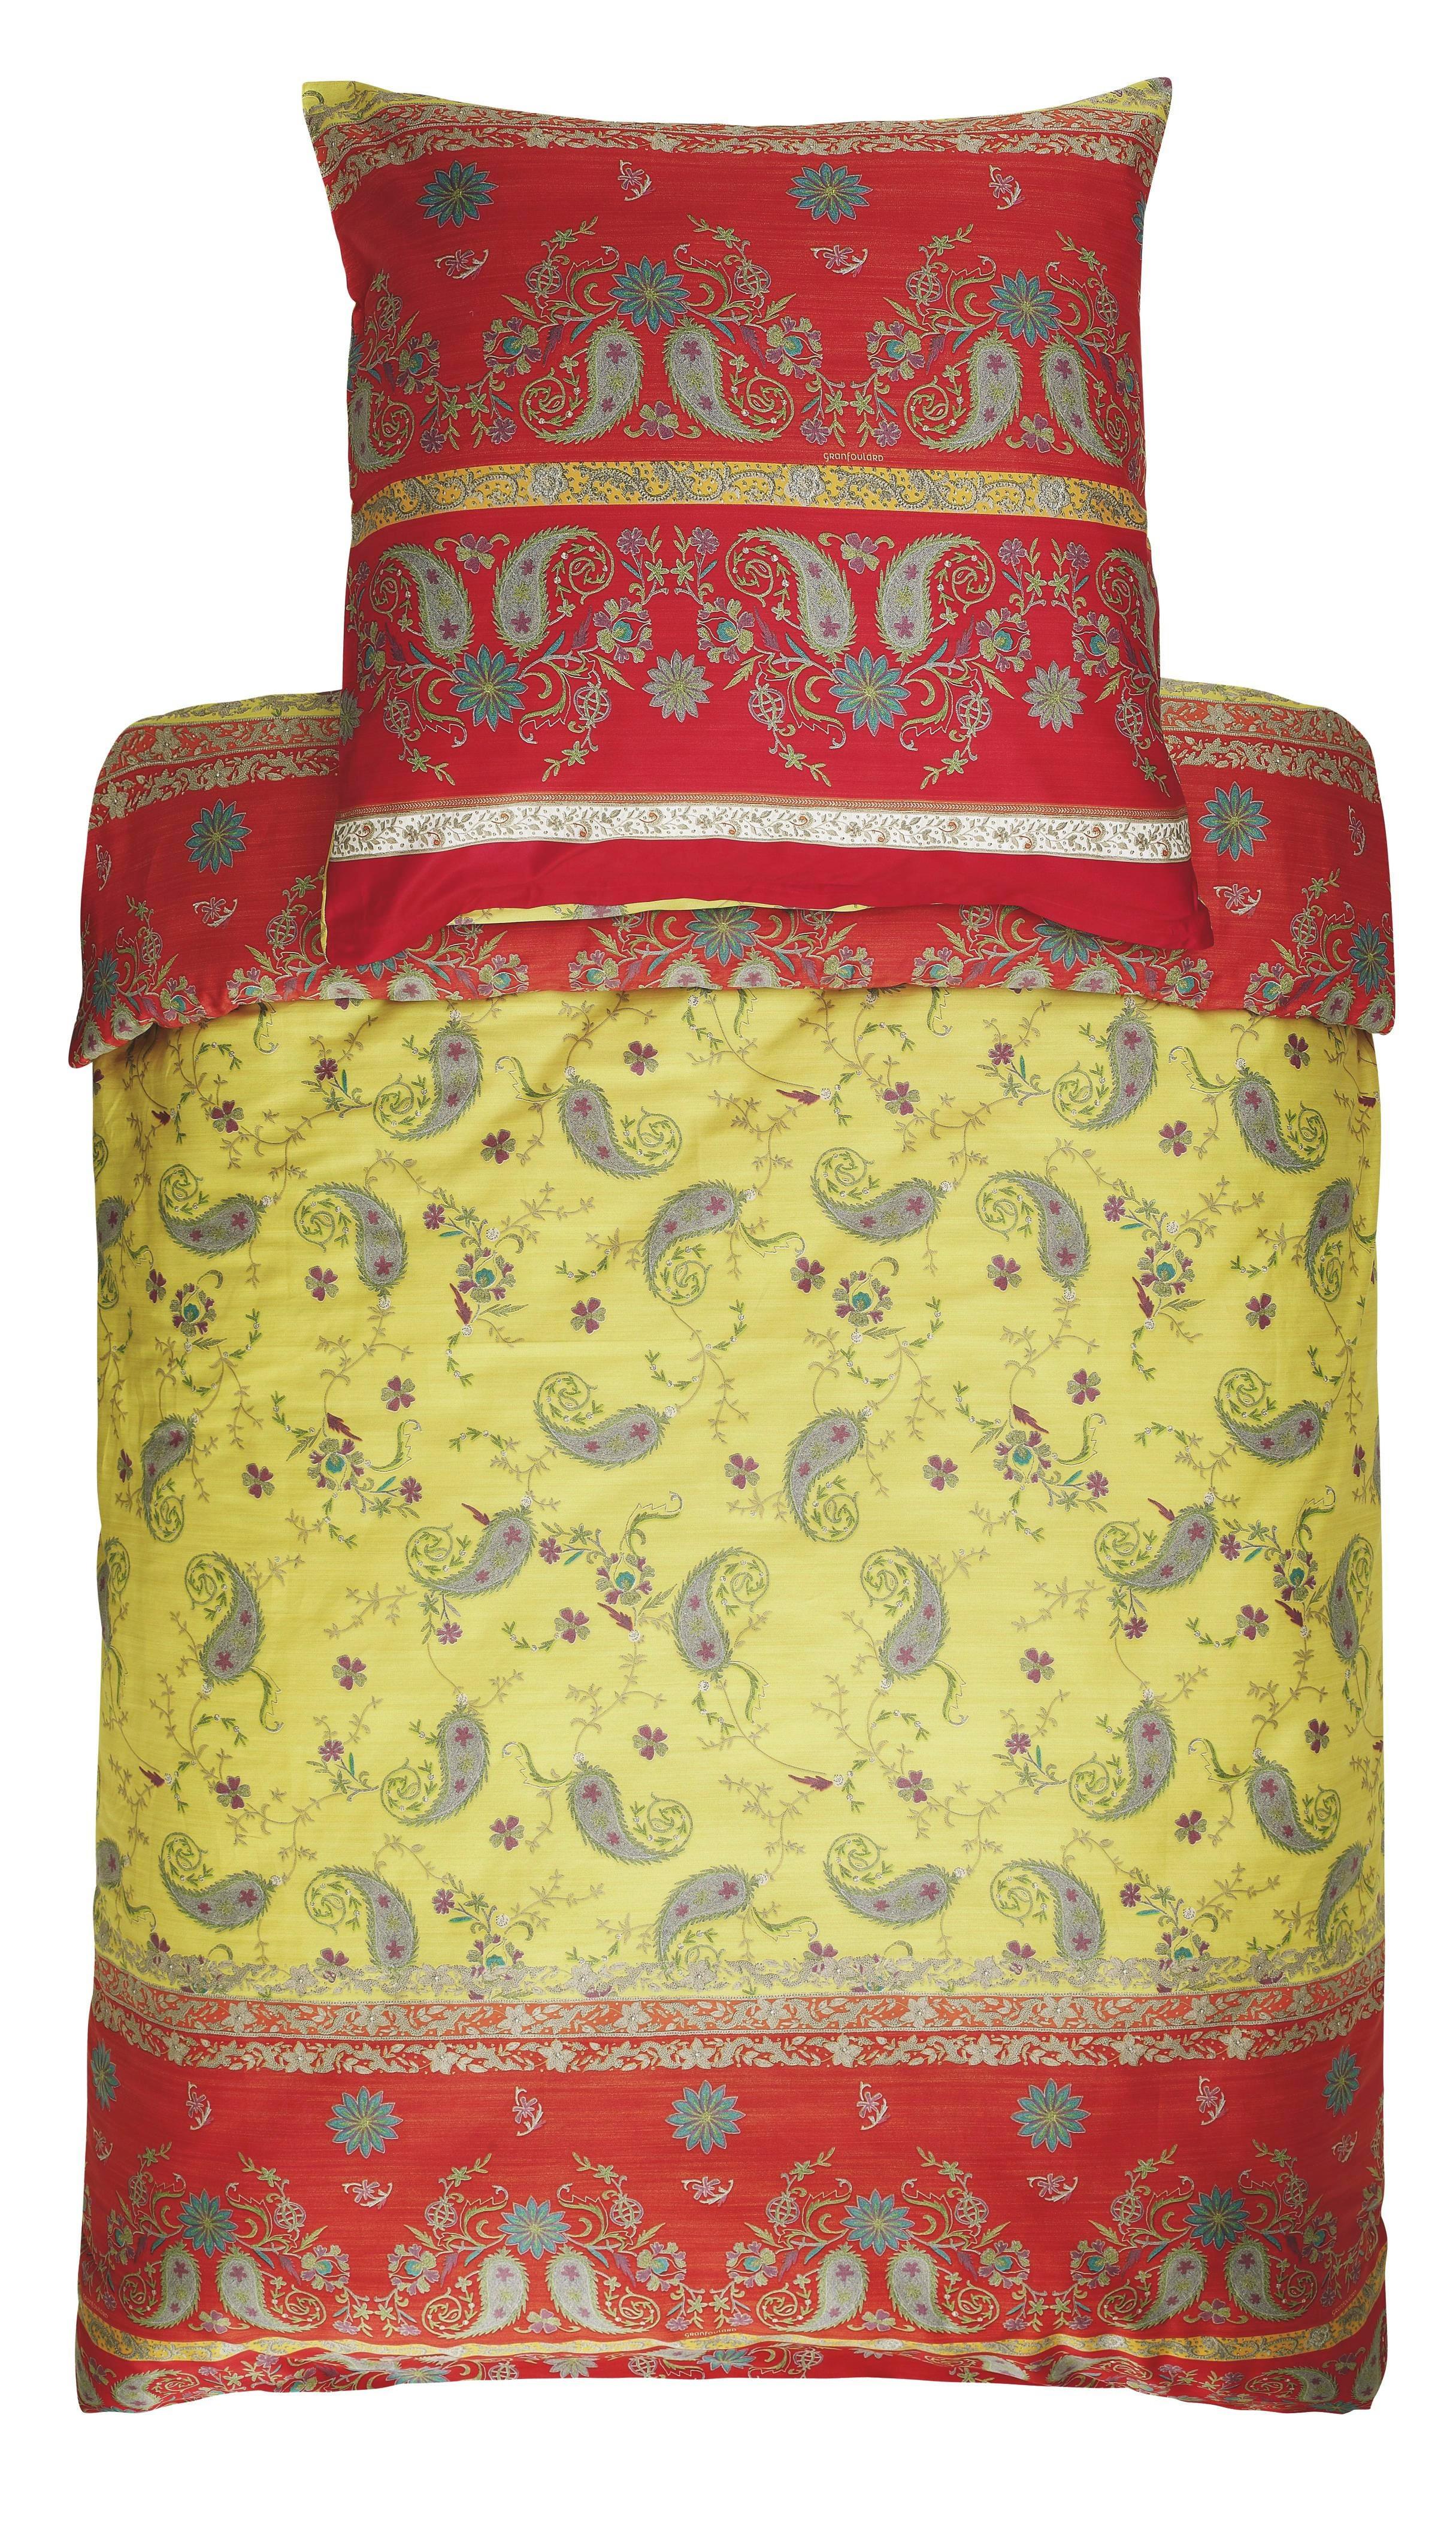 BETTWÄSCHE Gelb, Rot - Gelb/Rot, LIFESTYLE, Textil (155/220cm) - BASSETTI